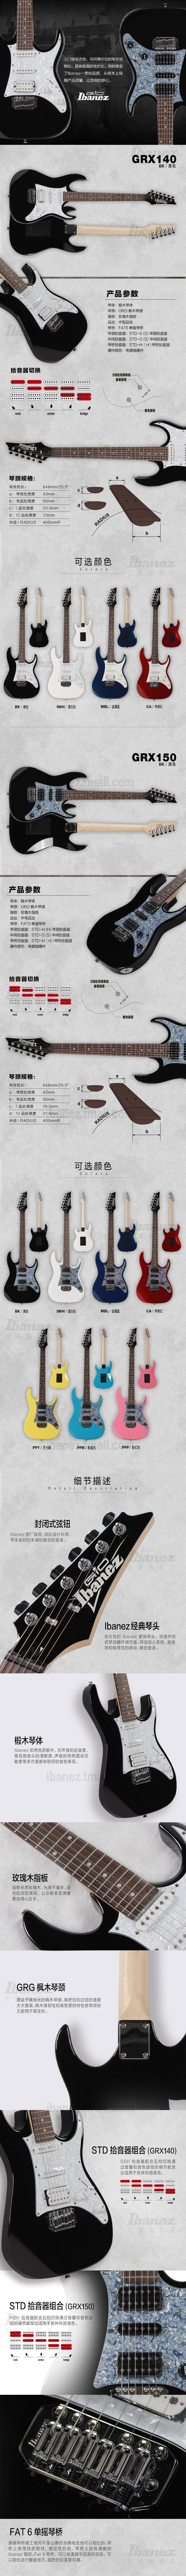 Ibanez官方旗舰店 爱宾斯 依班娜 GRX140电吉他 精选材质初学适用 06